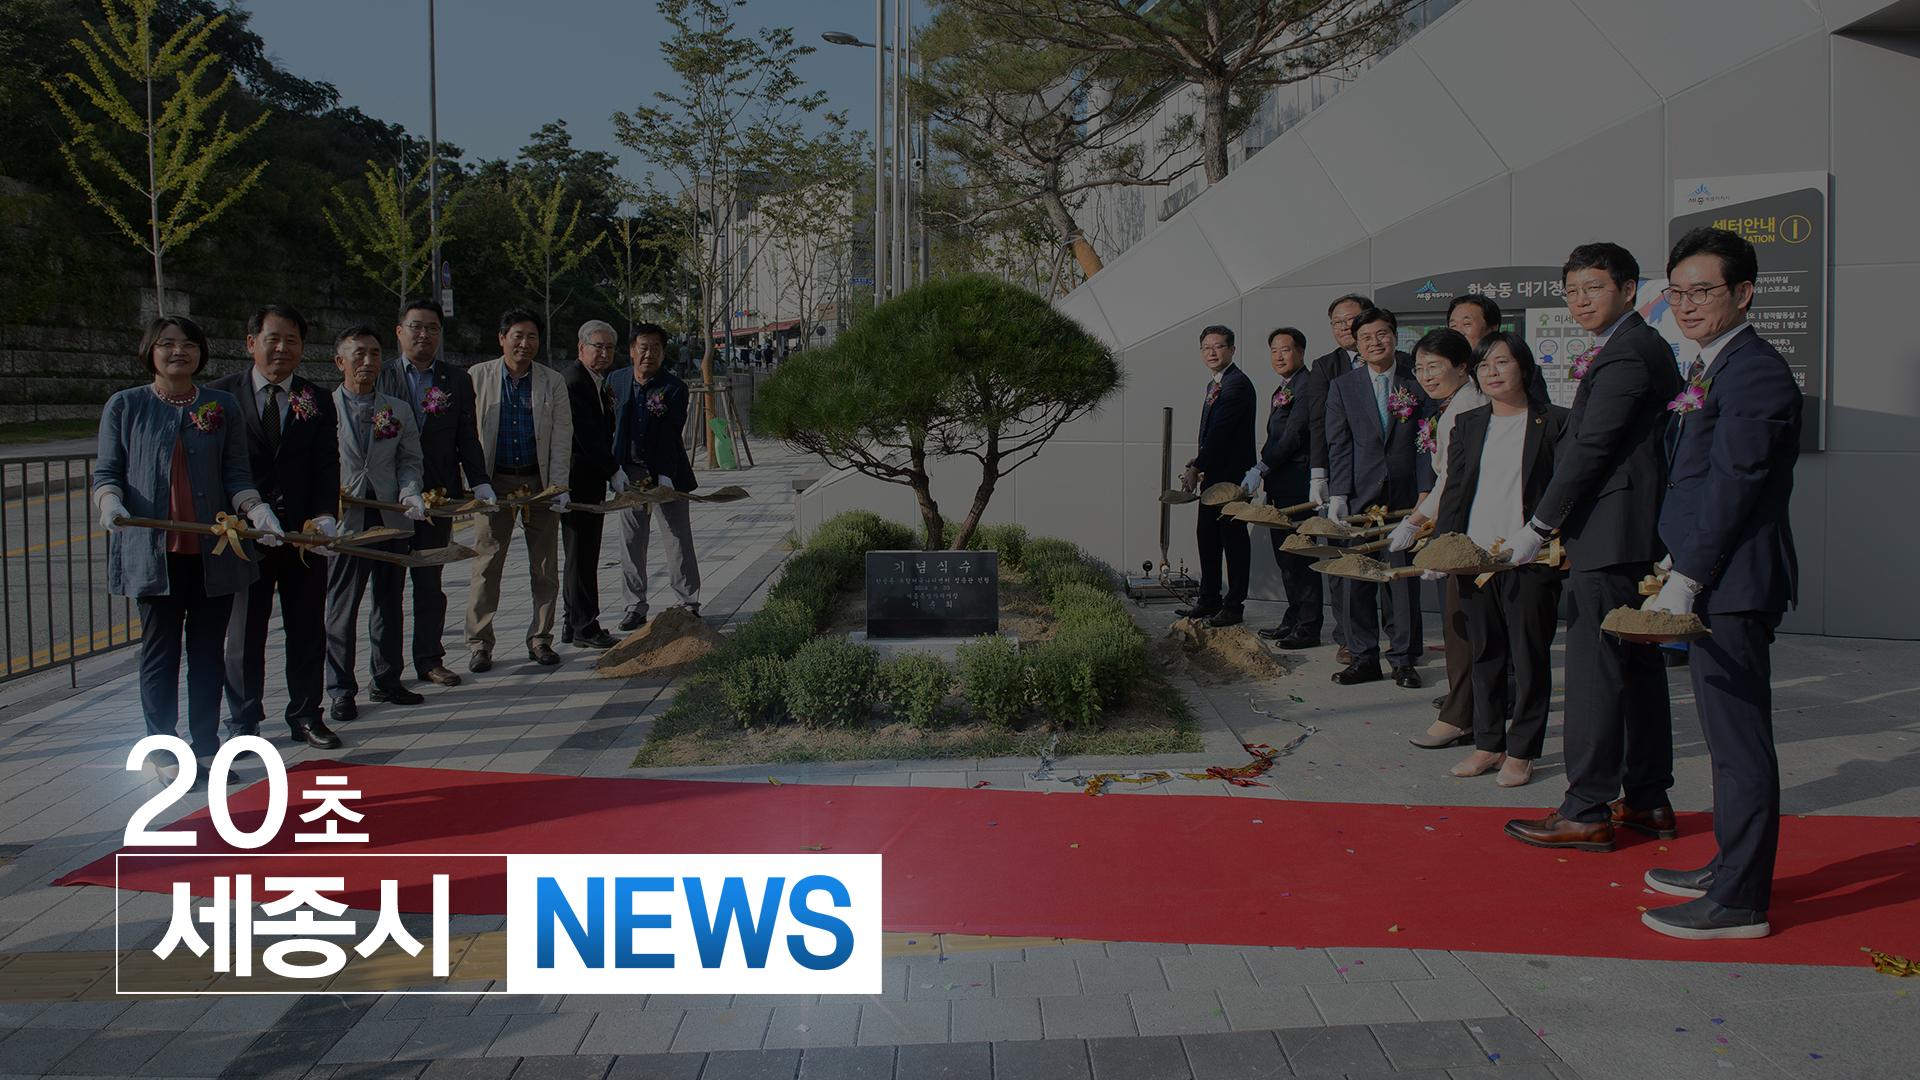 <20초뉴스> 한솔동 복합커뮤니티센터 정음관 개관식을 개최